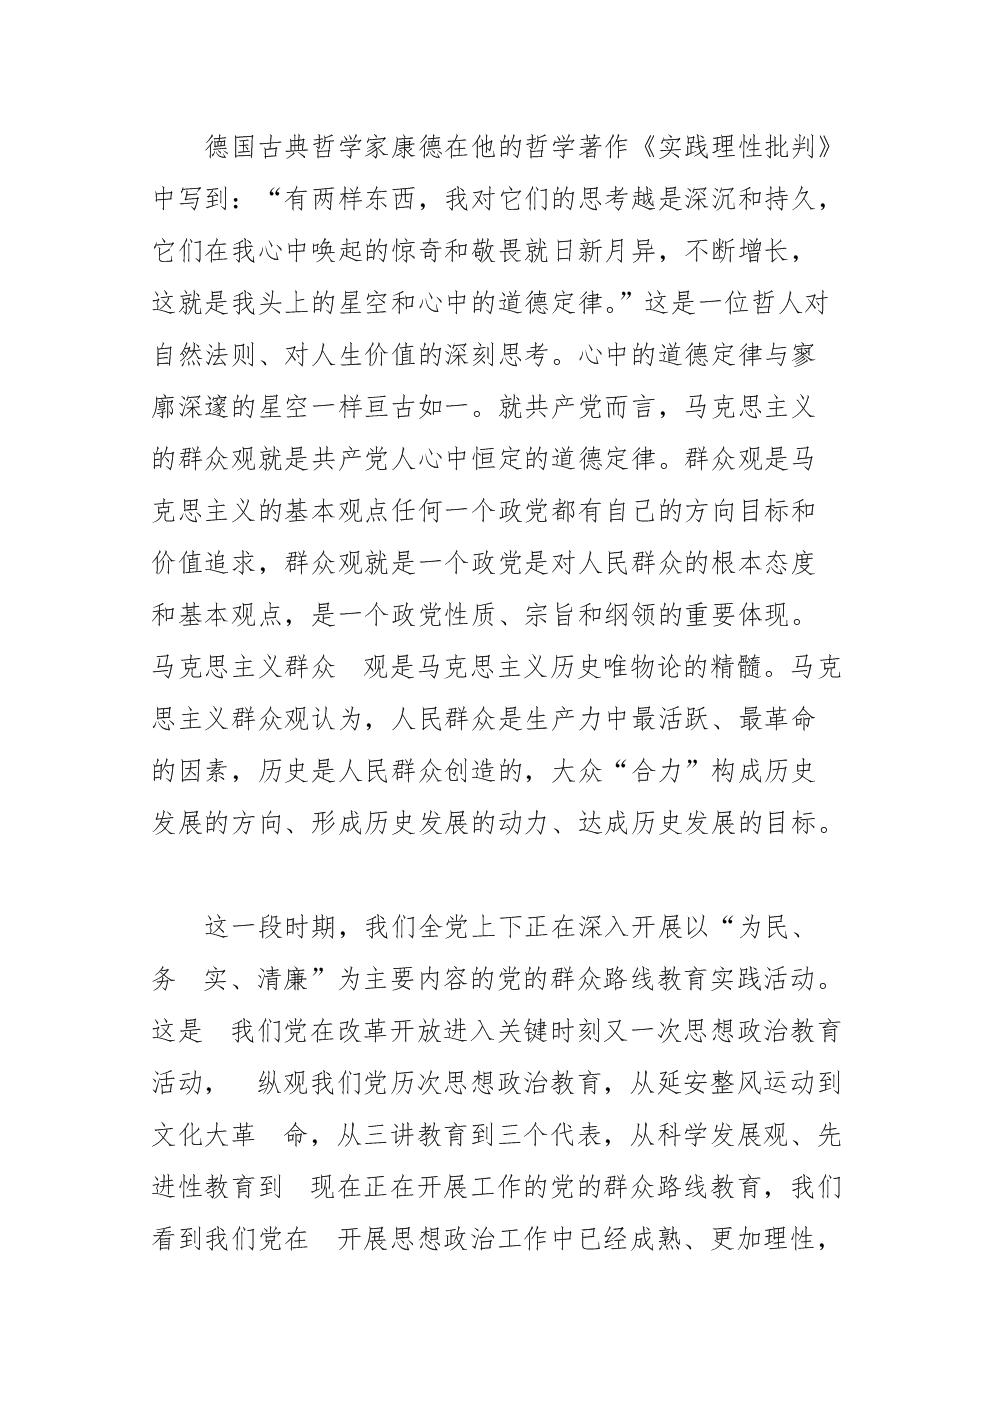 践行群众观 助推中国梦.doc